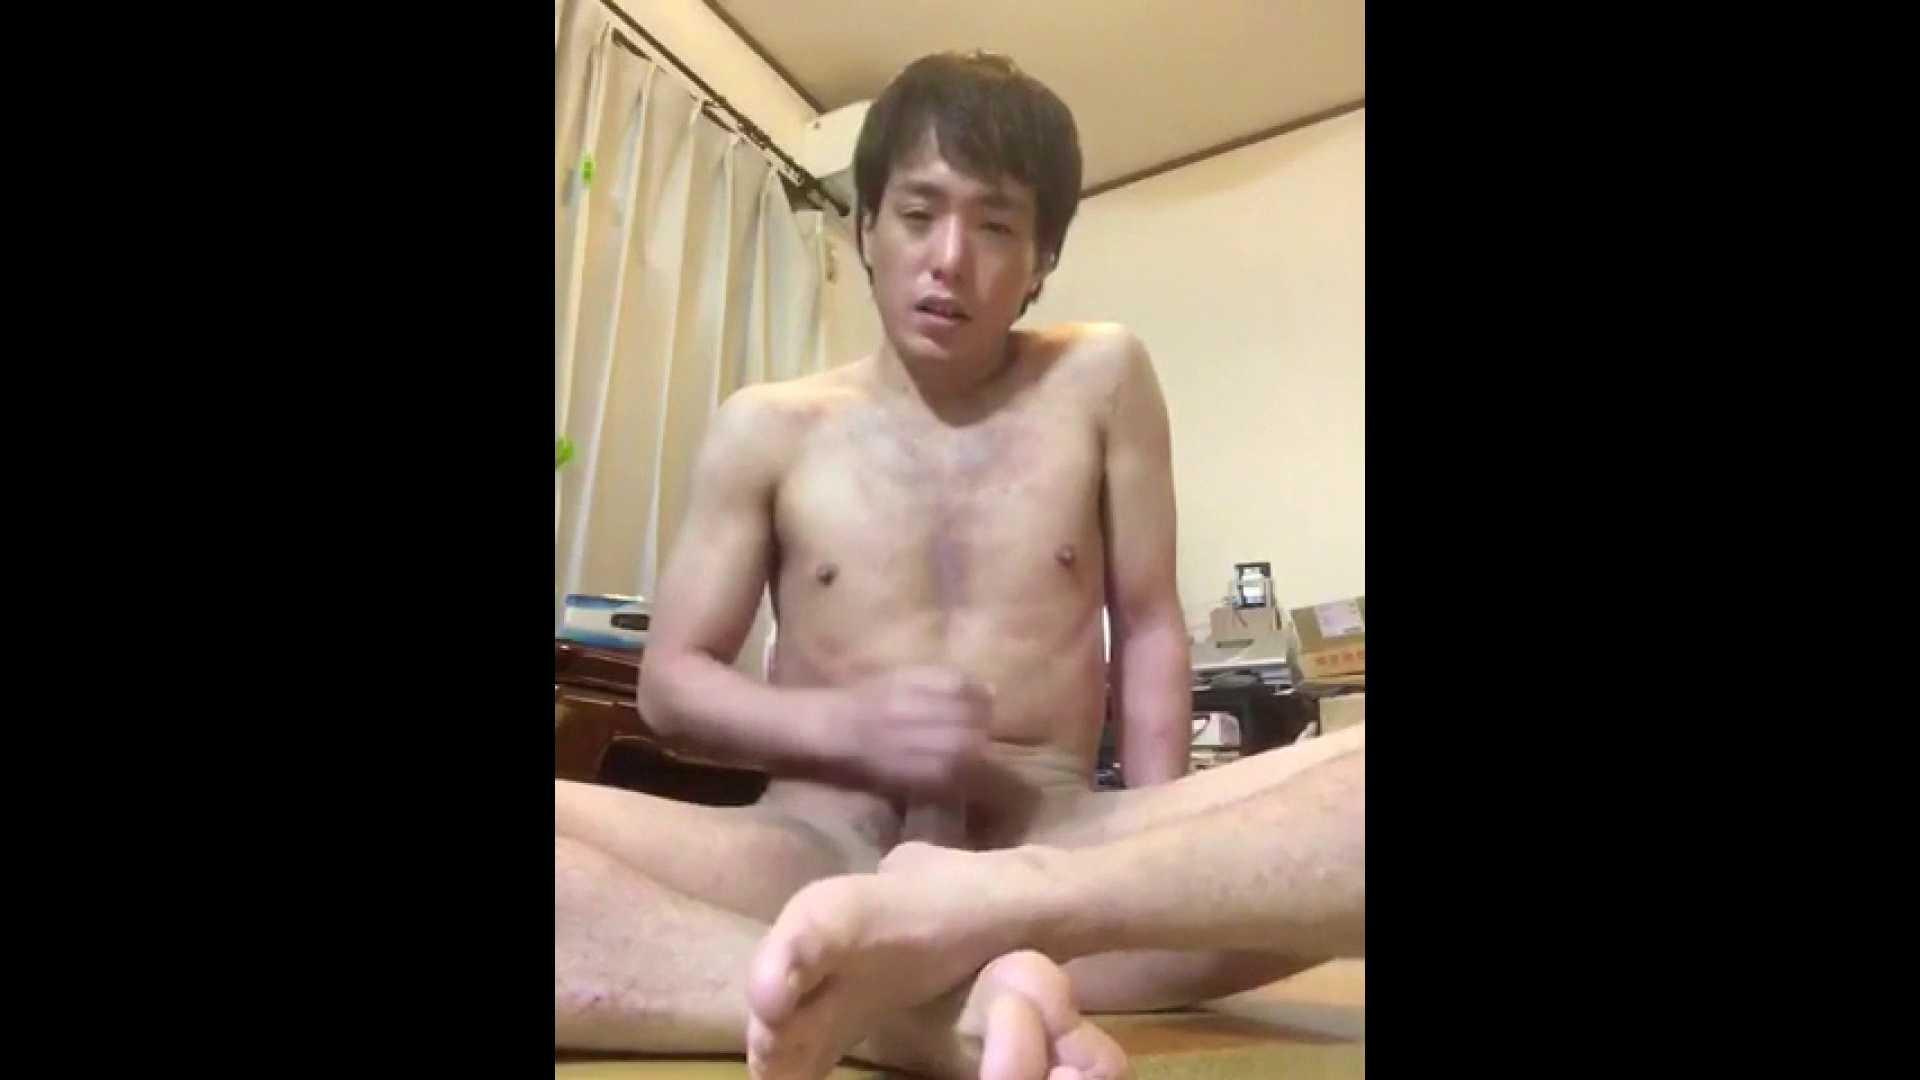 個人撮影 自慰の極意 Vol.30 モザイク無し ゲイエロ動画 87pic 54